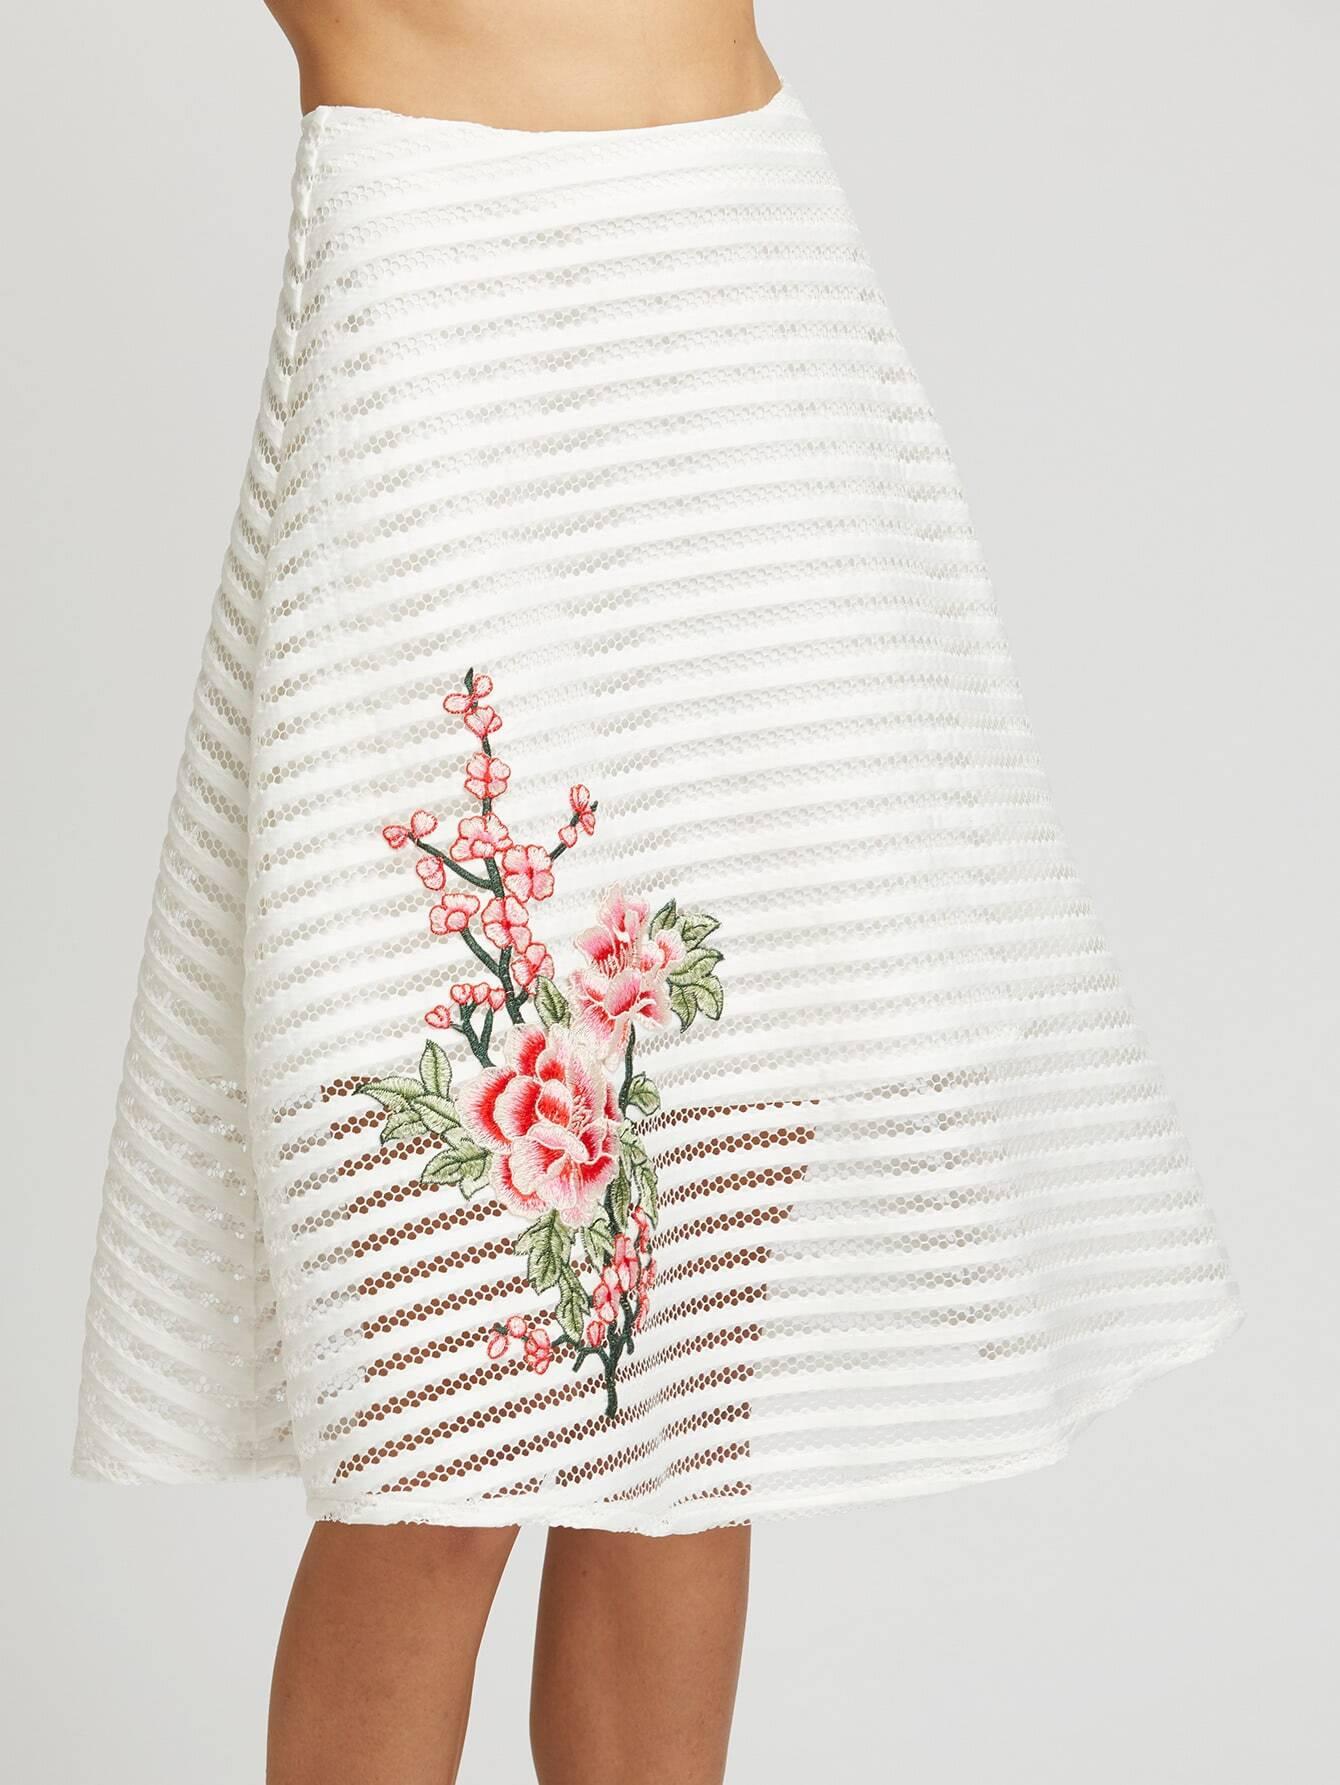 Flower Embroidered Striped Mesh Overlay Skirt